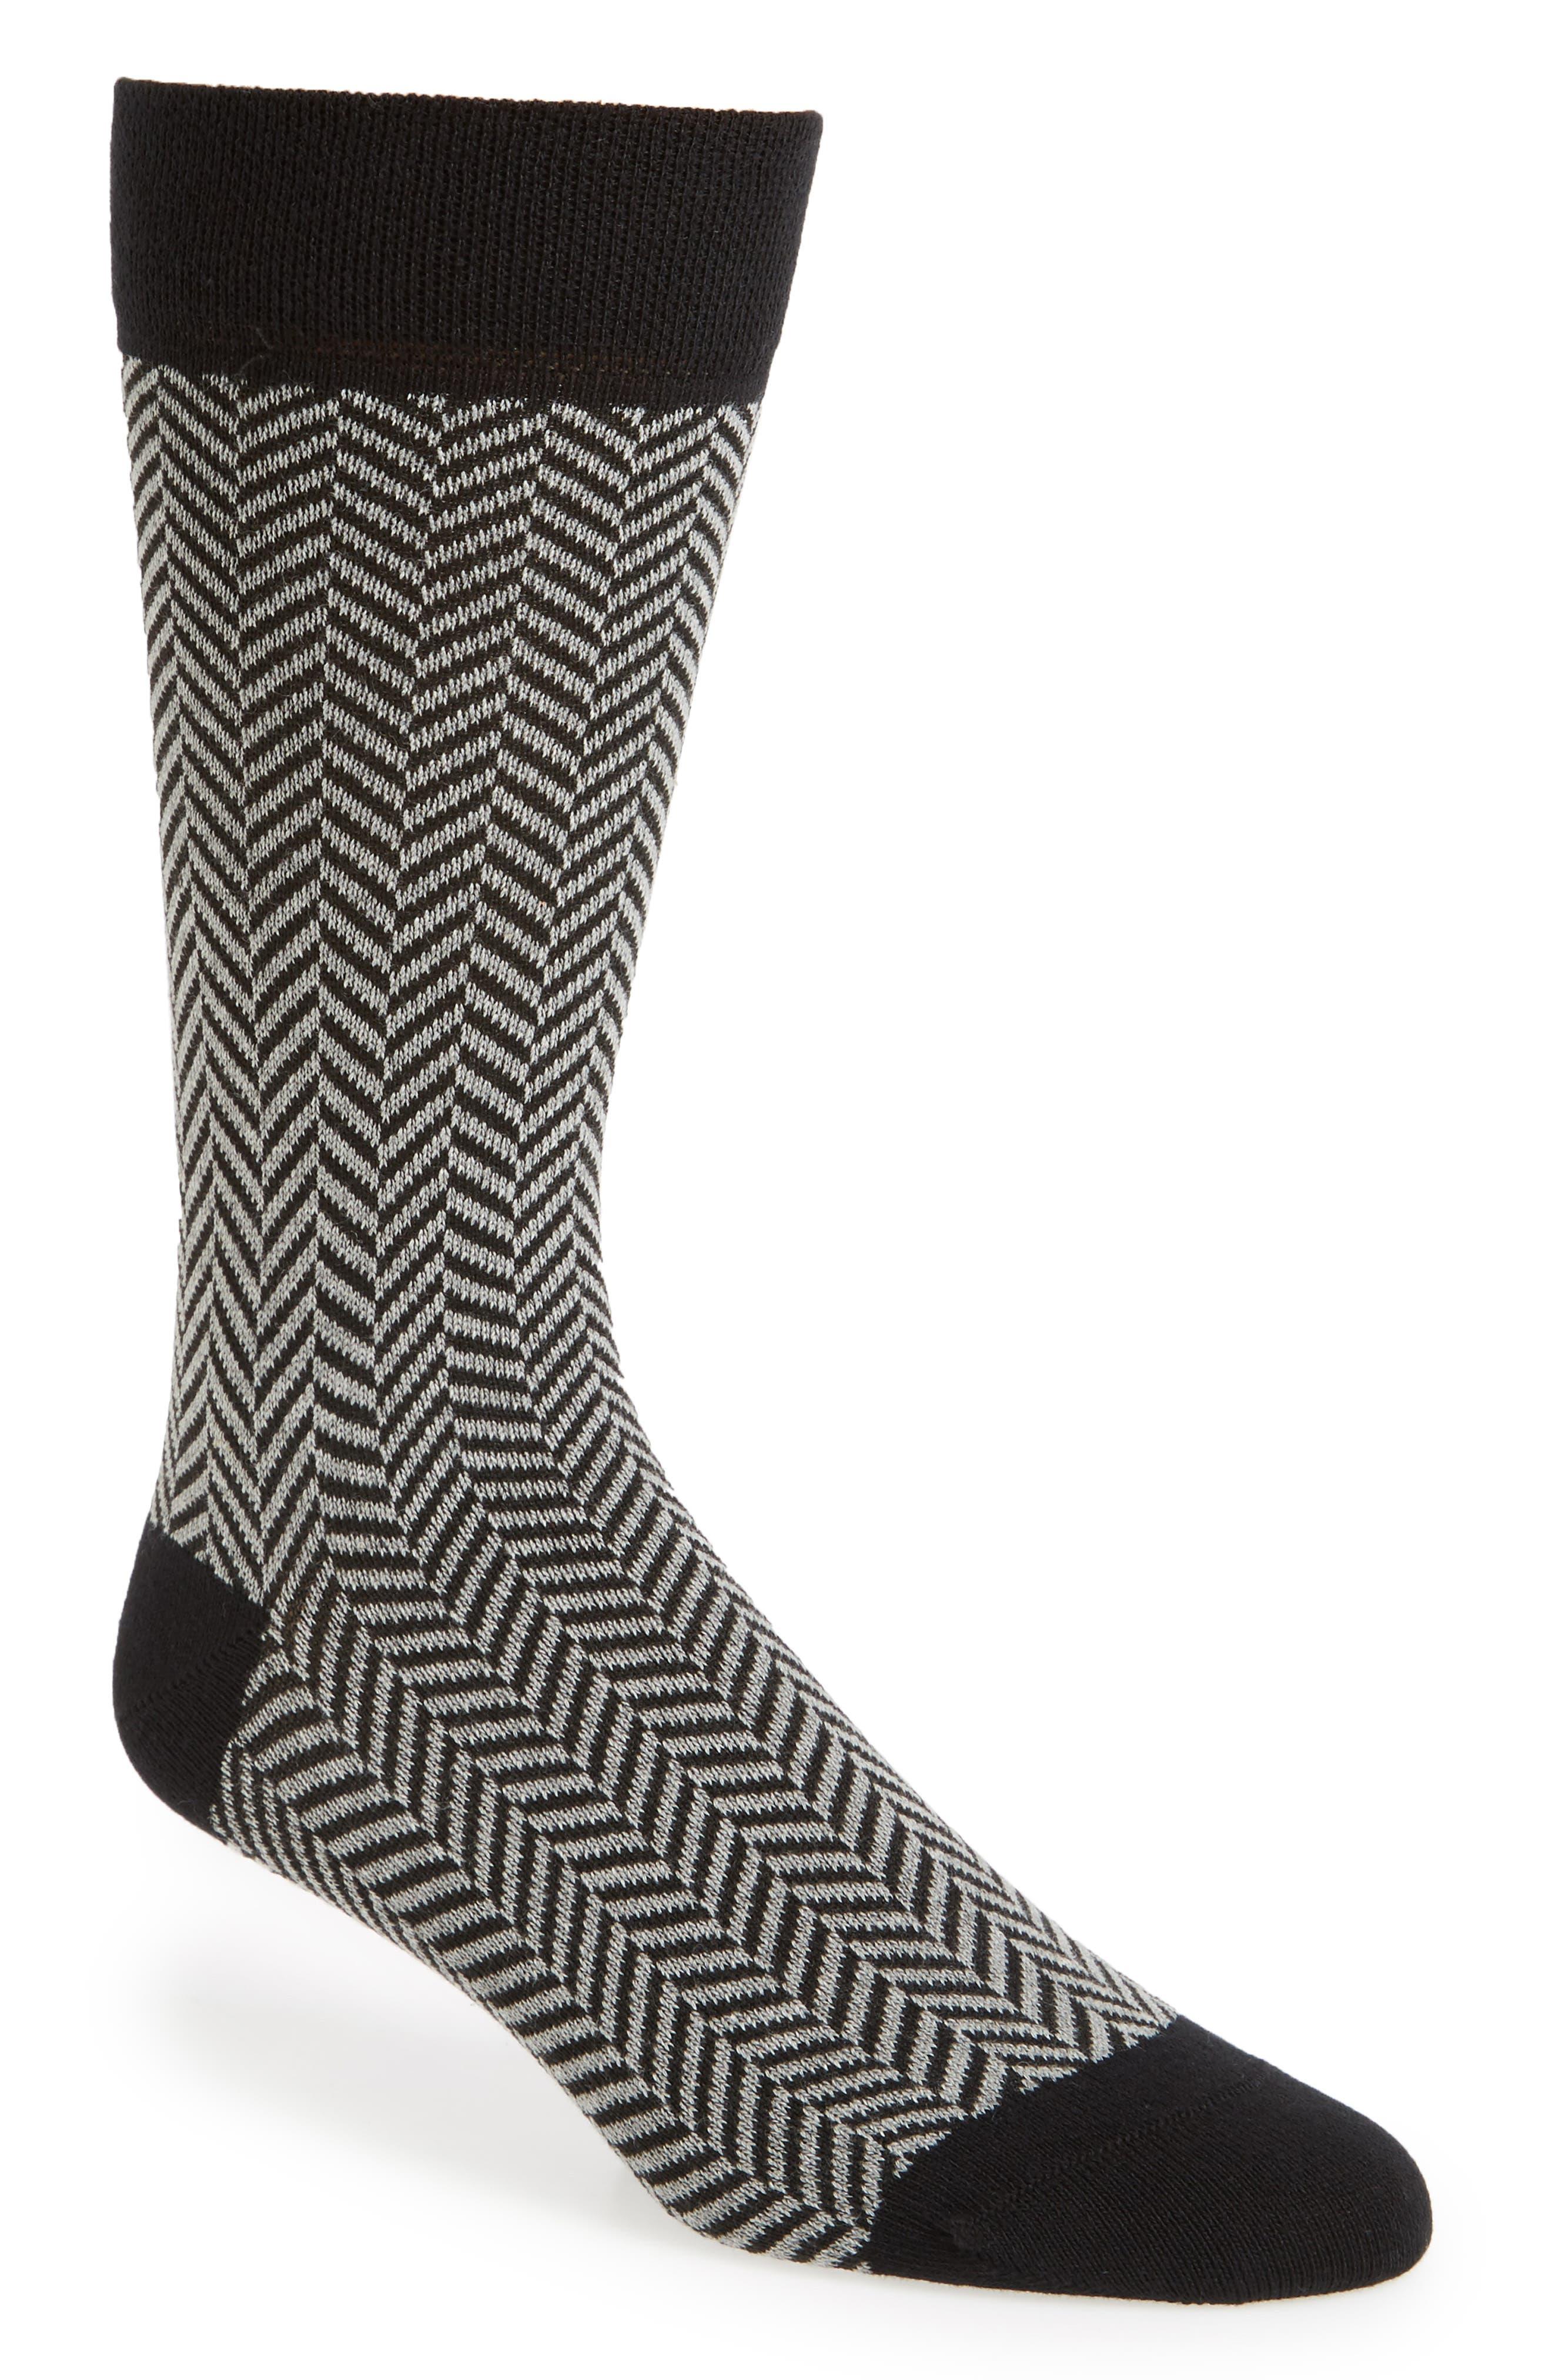 Ronimow Herringbone Socks,                         Main,                         color, 001